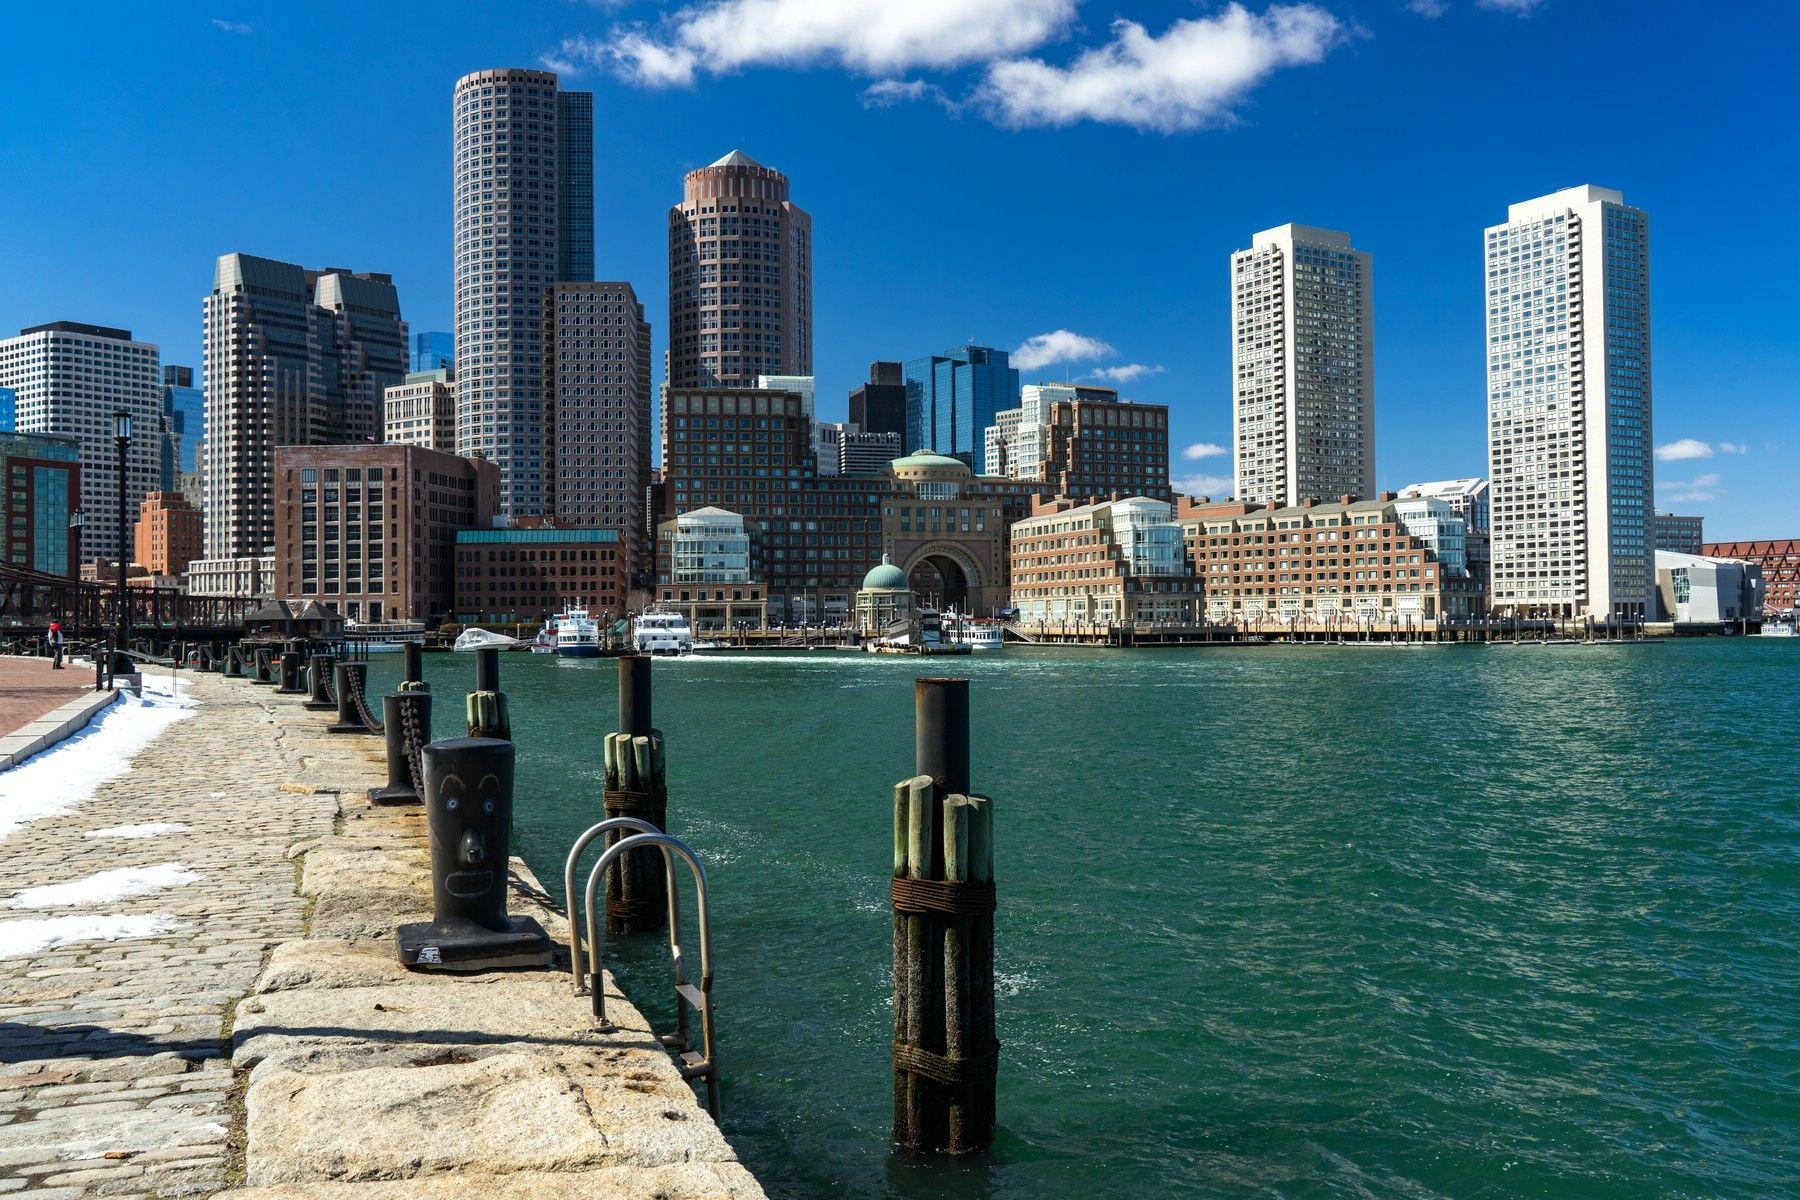 создавать объёмное города америки фото с названиями брюки визуально удлиняют